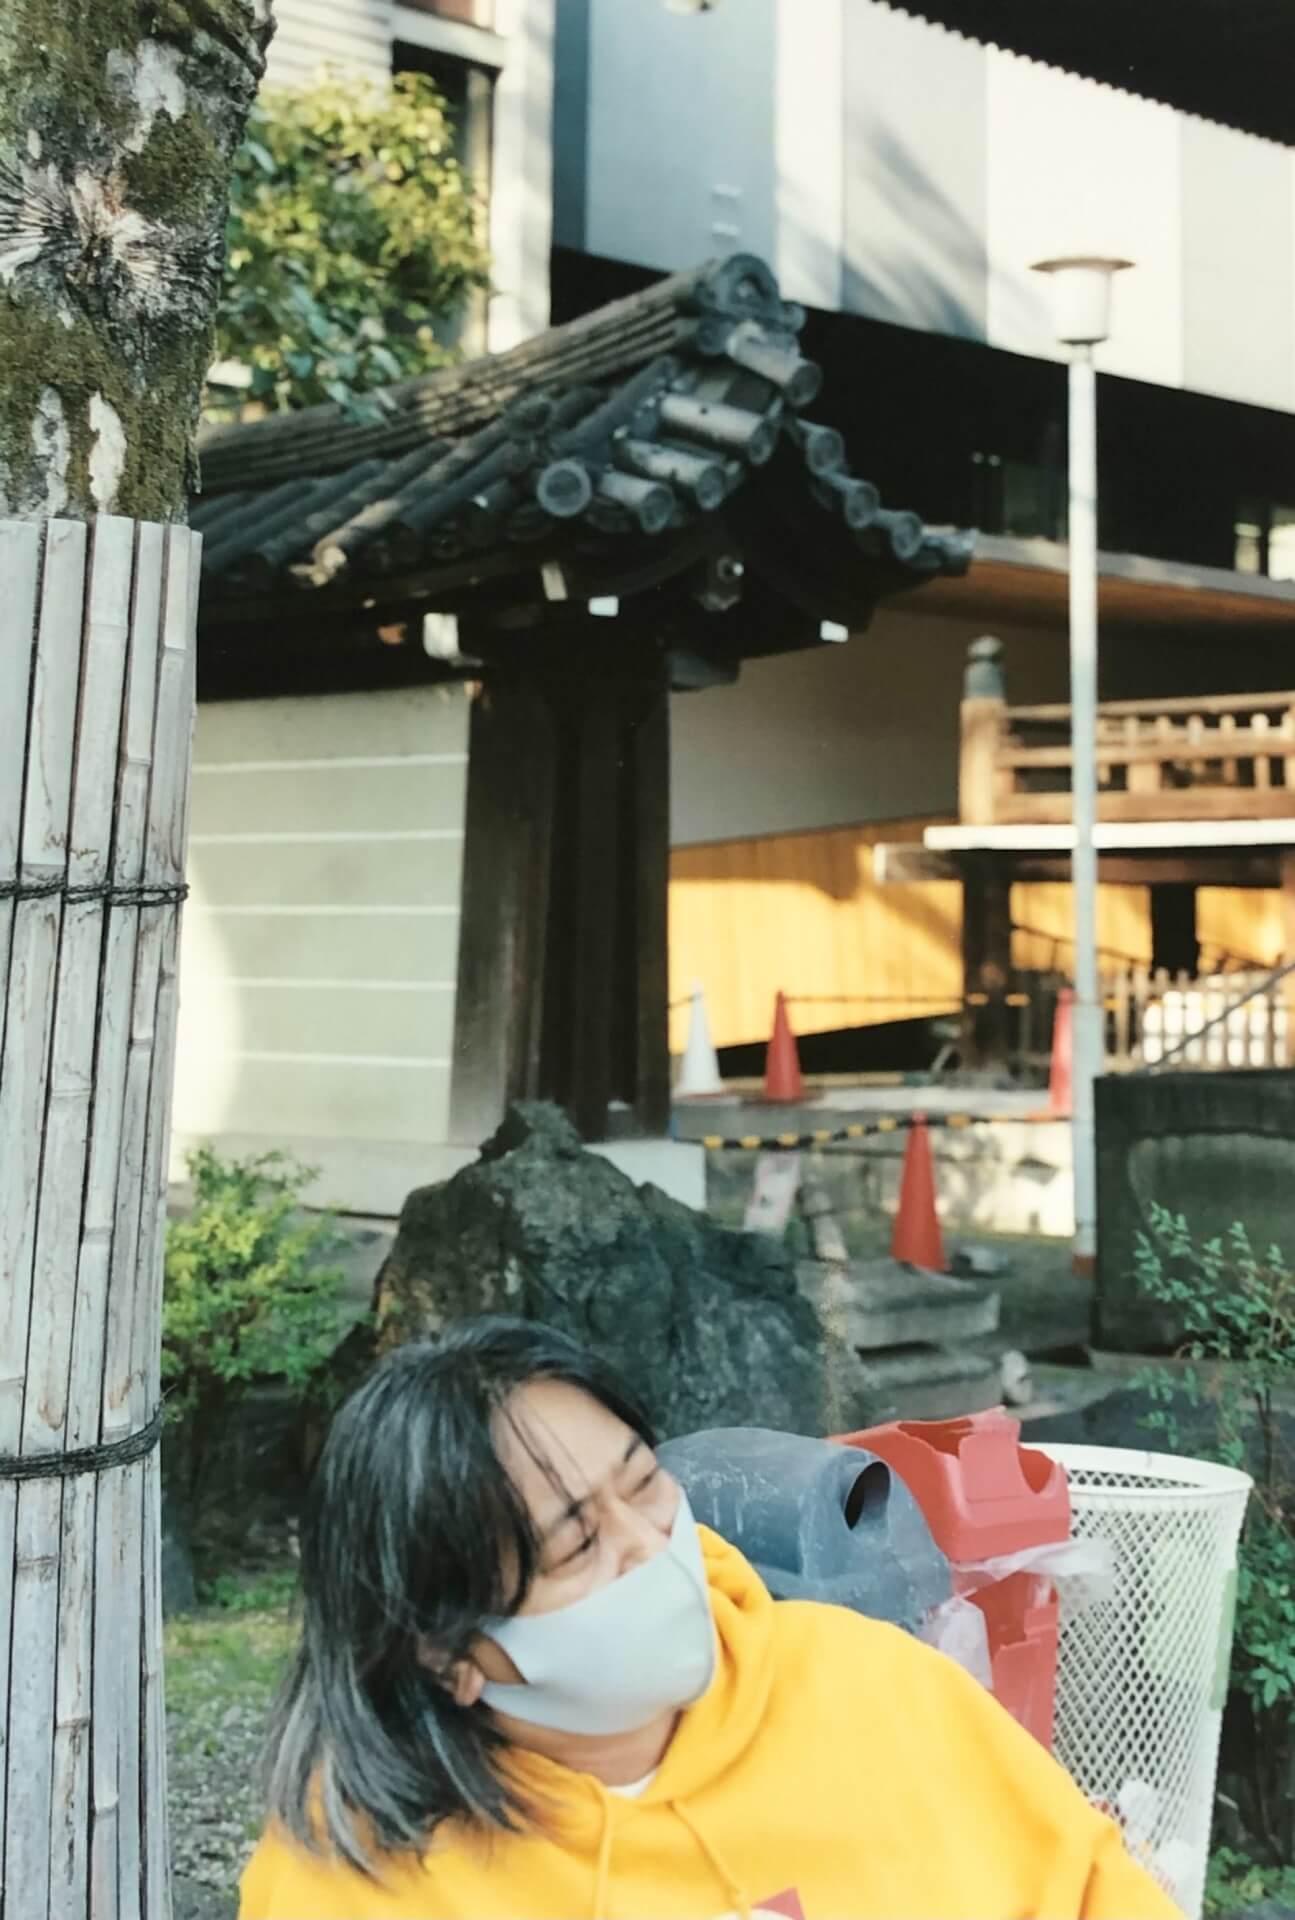 GEZANマヒト監督×森山未來主演『i ai』のキャストオーディションが実施決定!マヒトからのメッセージも film210721_i_ai_5